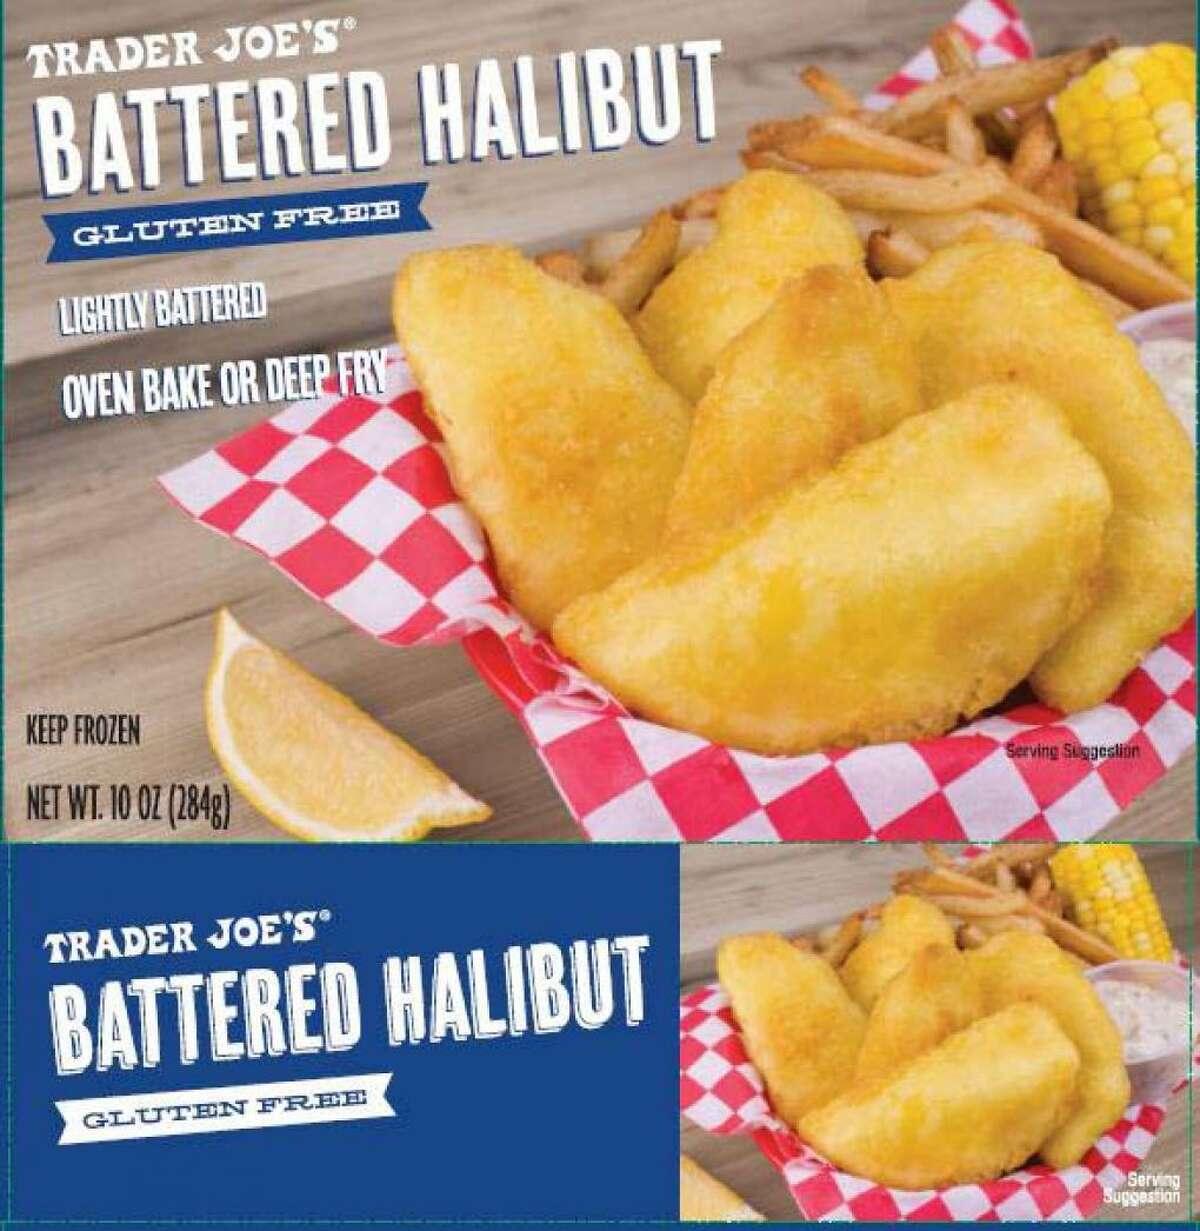 Trader Joe's Battered Halibut label. Orca Bay Foods of Seattle is recalling Trader Joe's brand Gluten Free Battered Halibut SKU